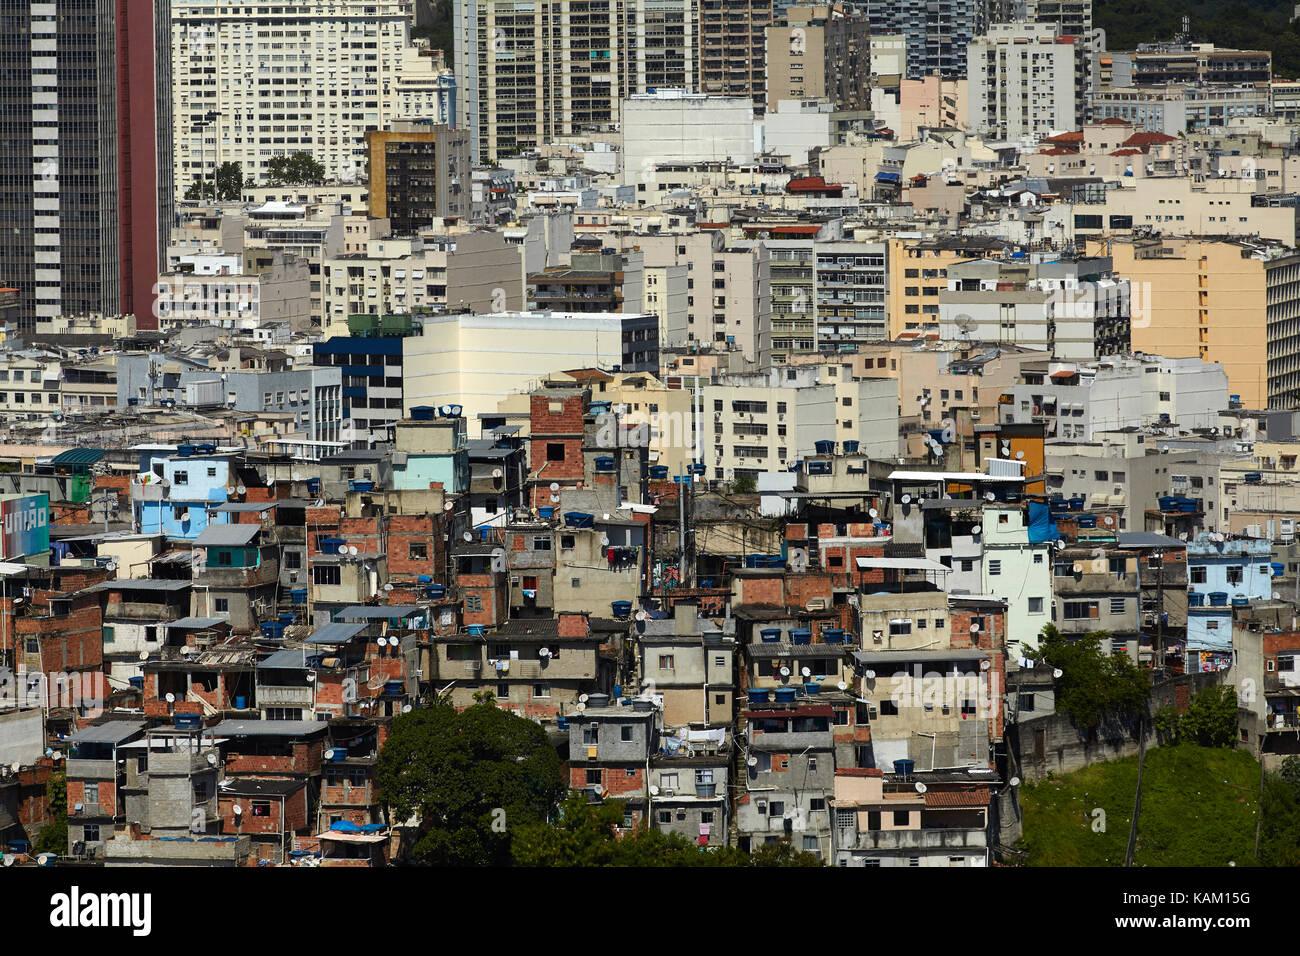 Favela and apartments in Flamengo, Rio de Janeiro, Brazil, South America